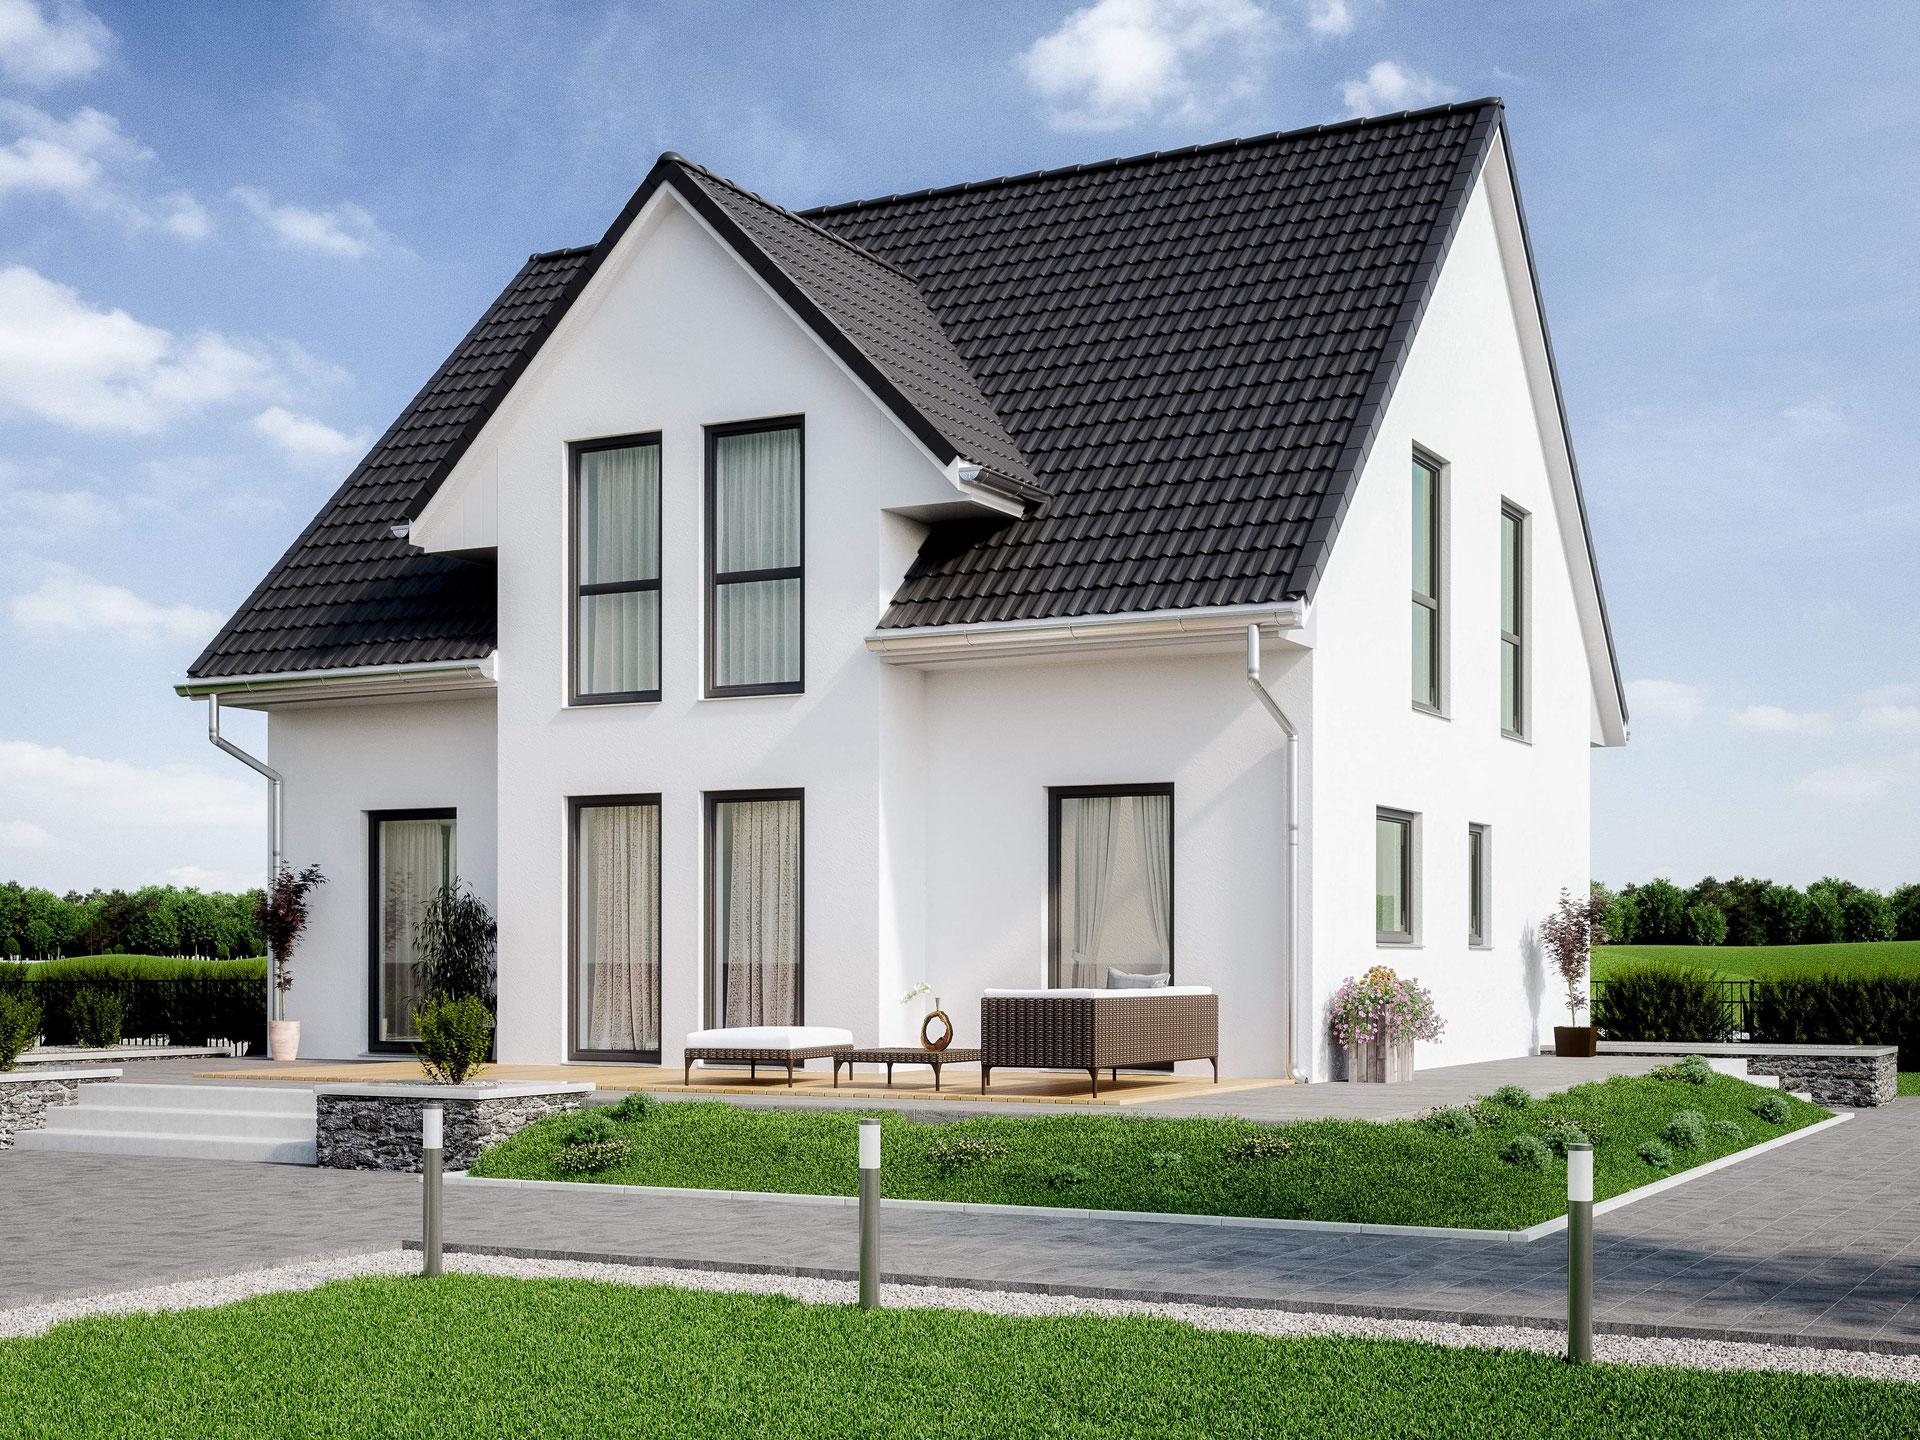 aktionshäuser, aktionshaus bauen, einfamilienhaus, stadtvilla